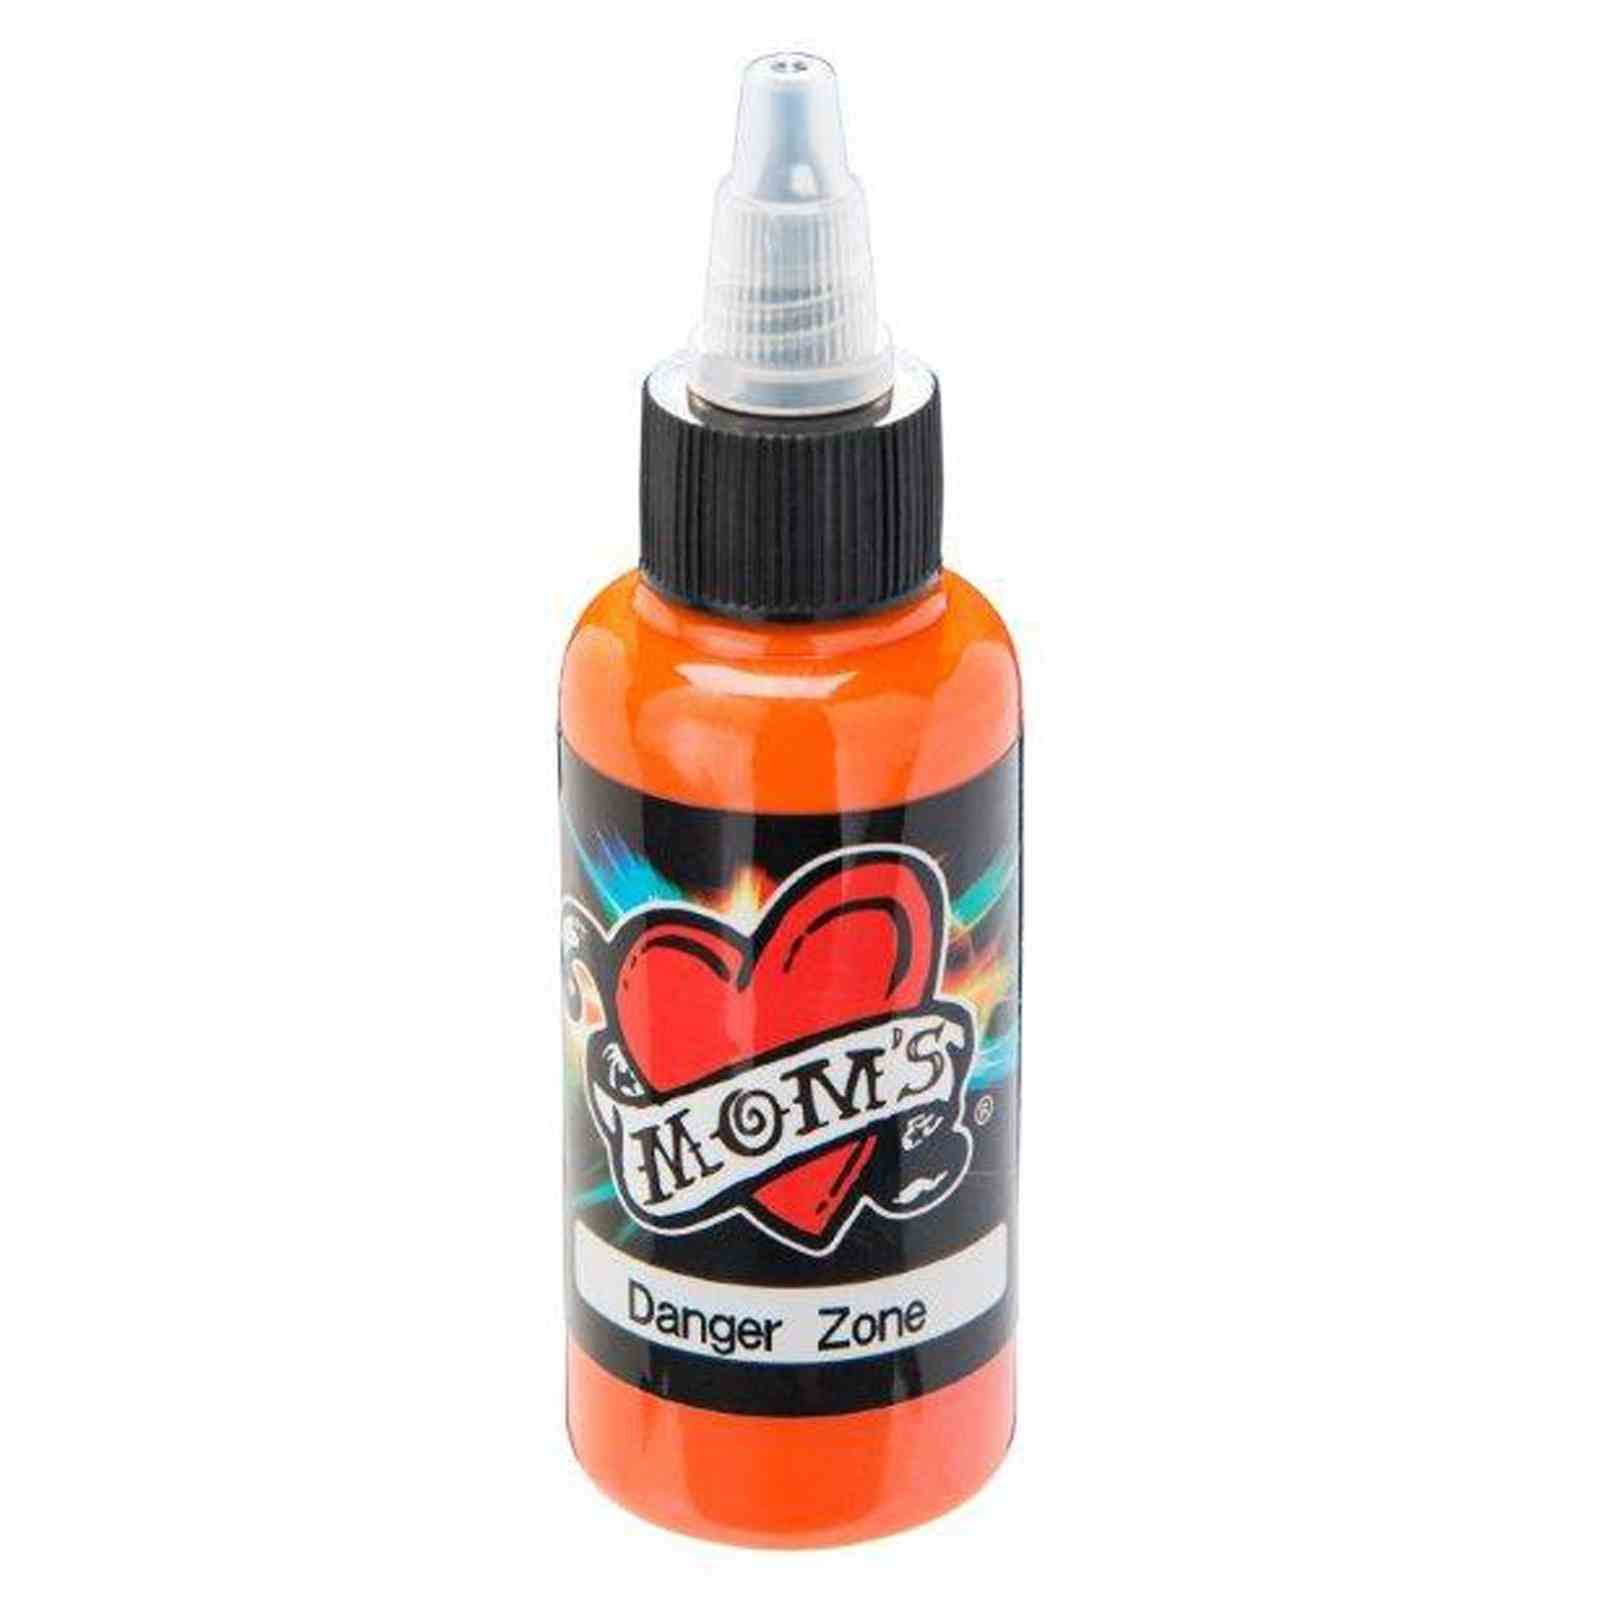 Millennium Mom's Danger Zone Orange Tattoo Ink 1 oz